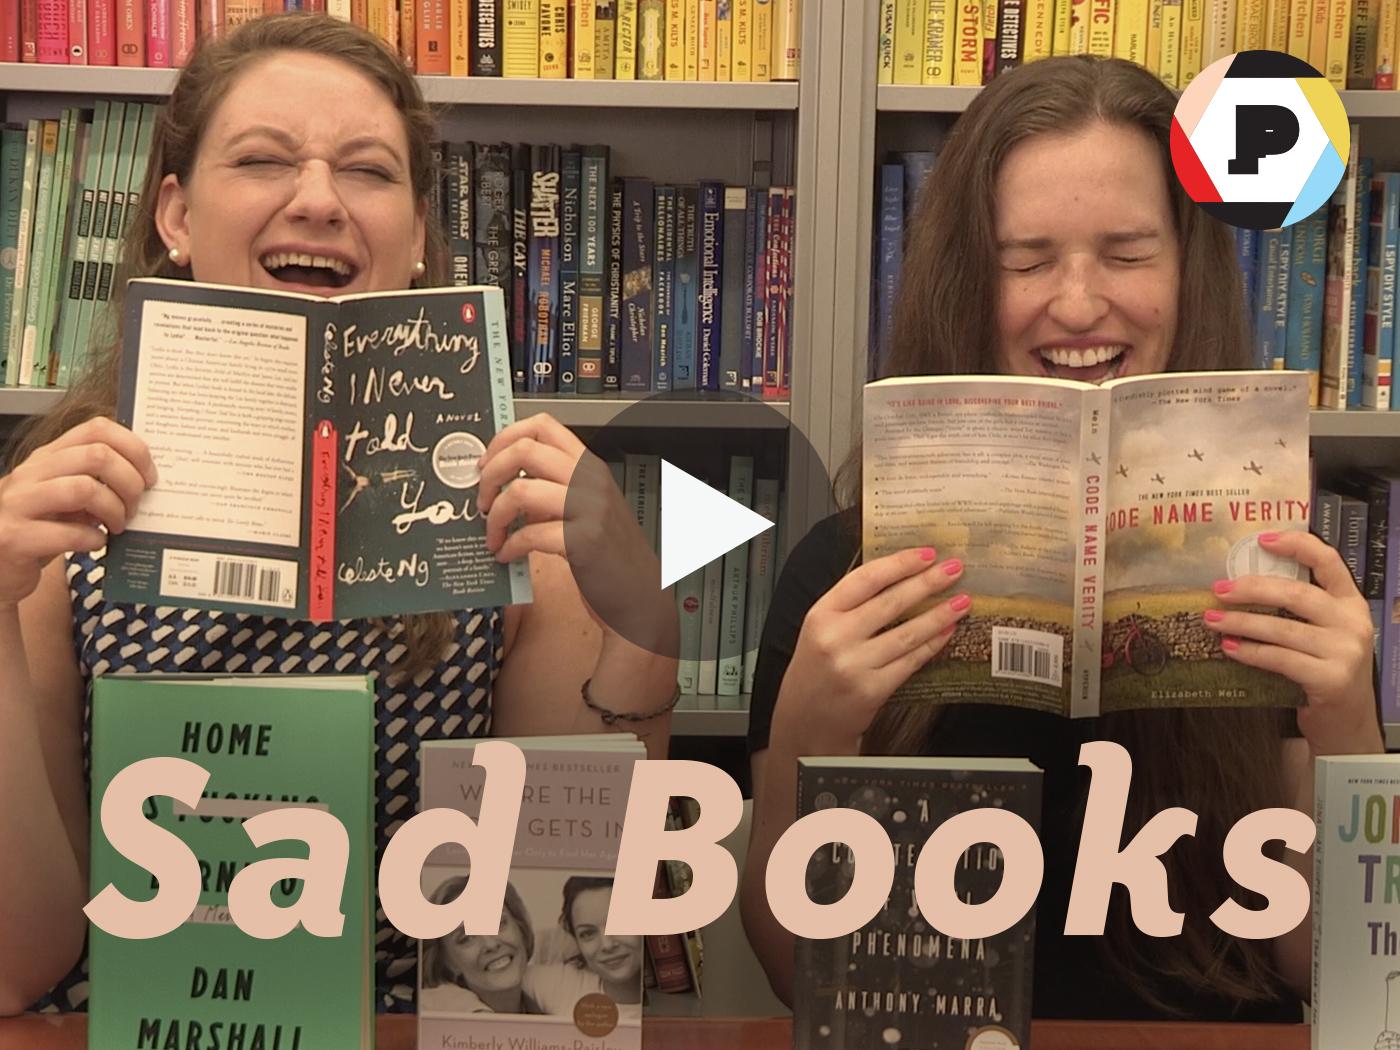 Six Picks Sad Books